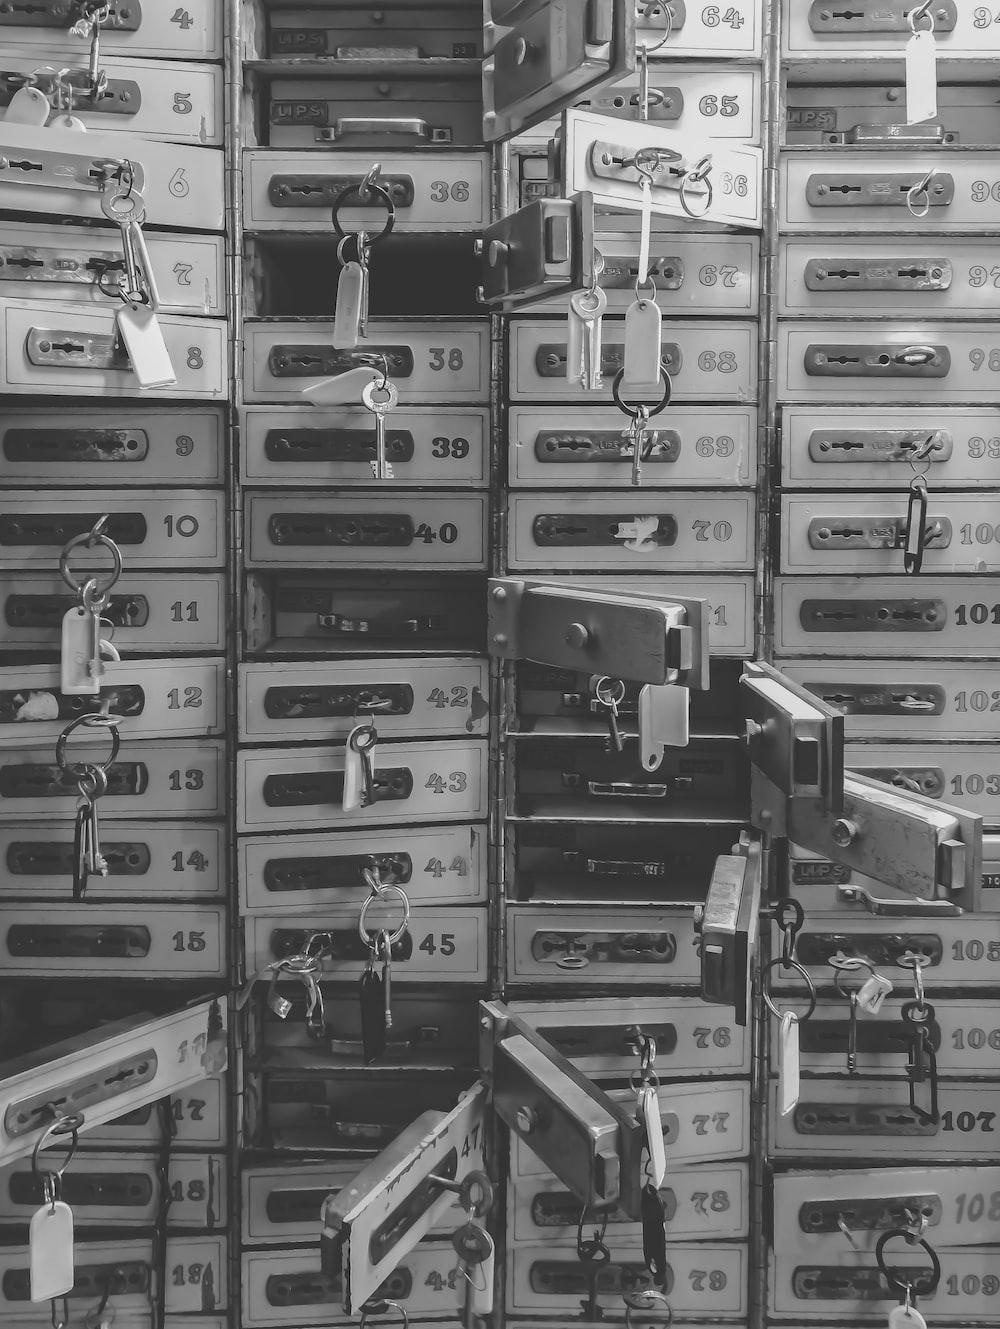 grayscale photography of door lockers